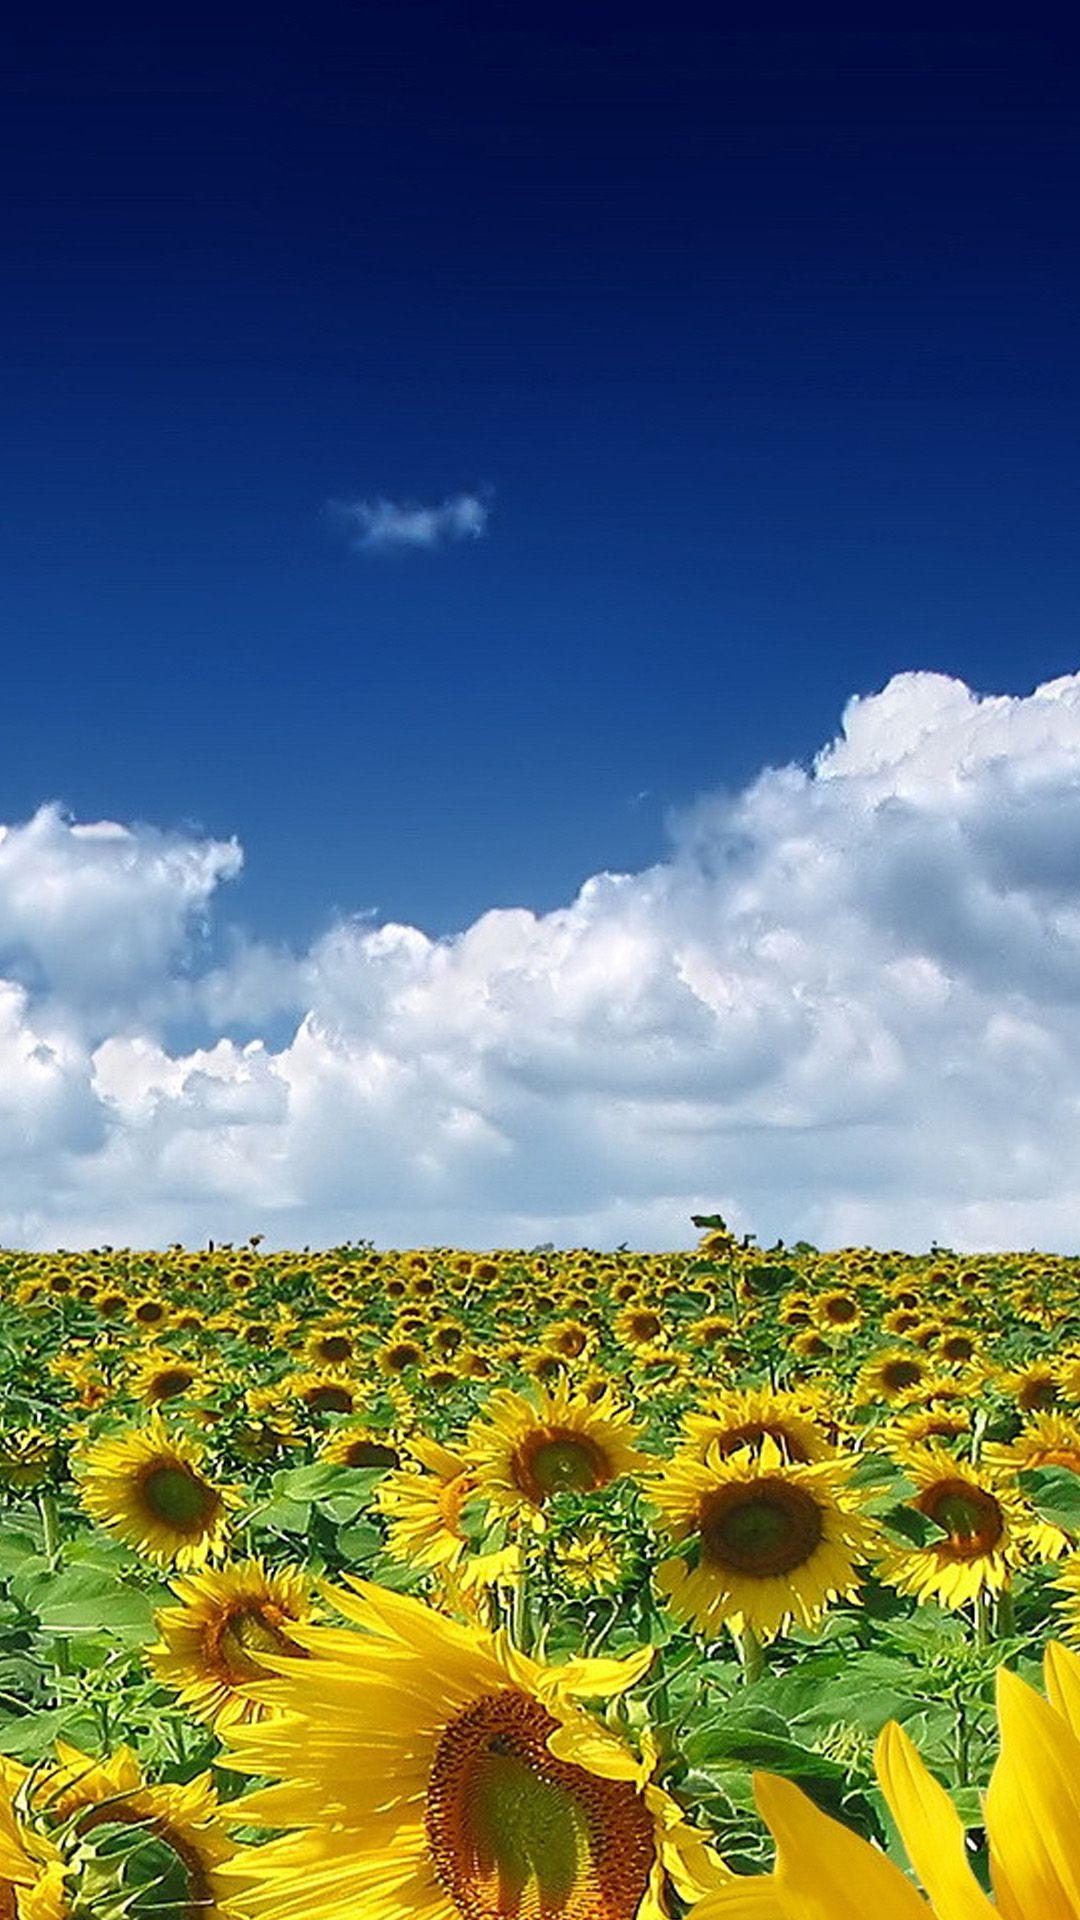 キレイなひまわり畑 ひまわり ひまわり畑 ひまわり 壁紙